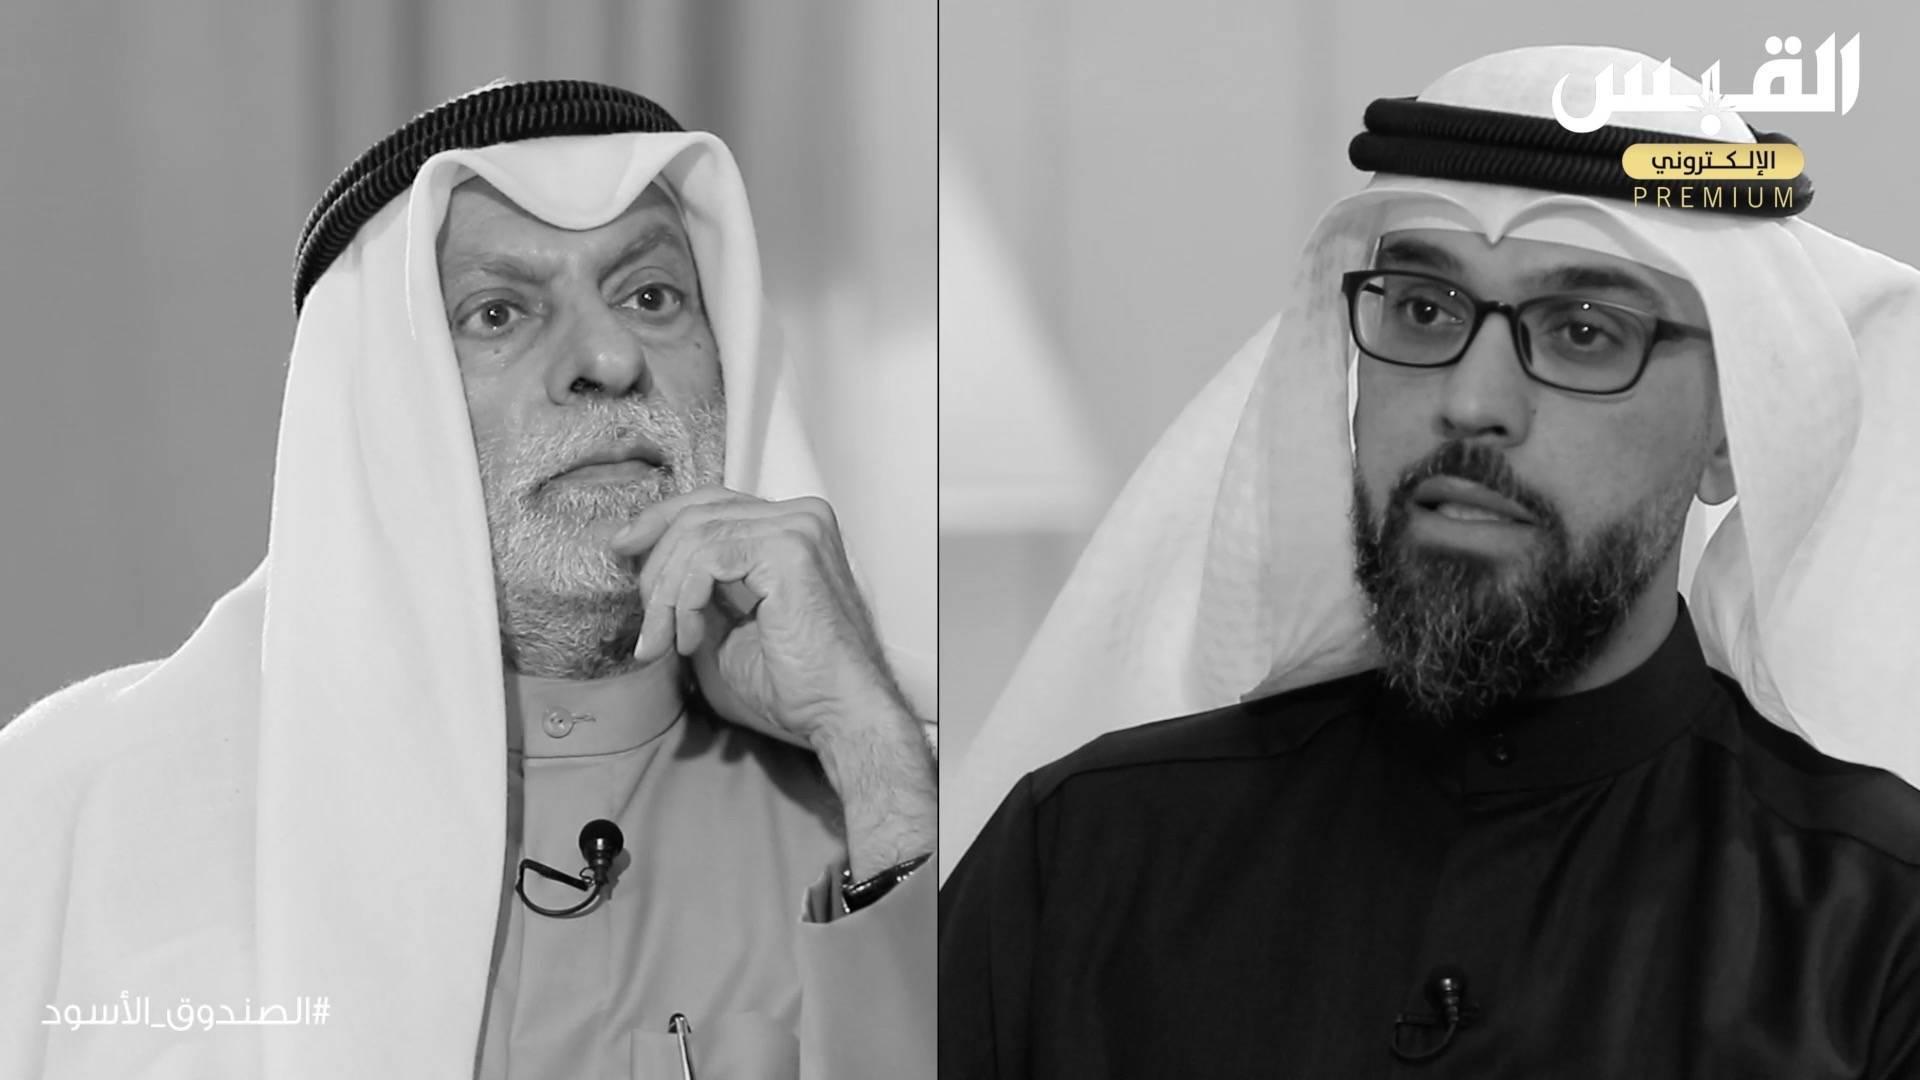 حصرياً.. الجزء 15 و 16 من سلسلة حلقات د. عبدالله النفيسي